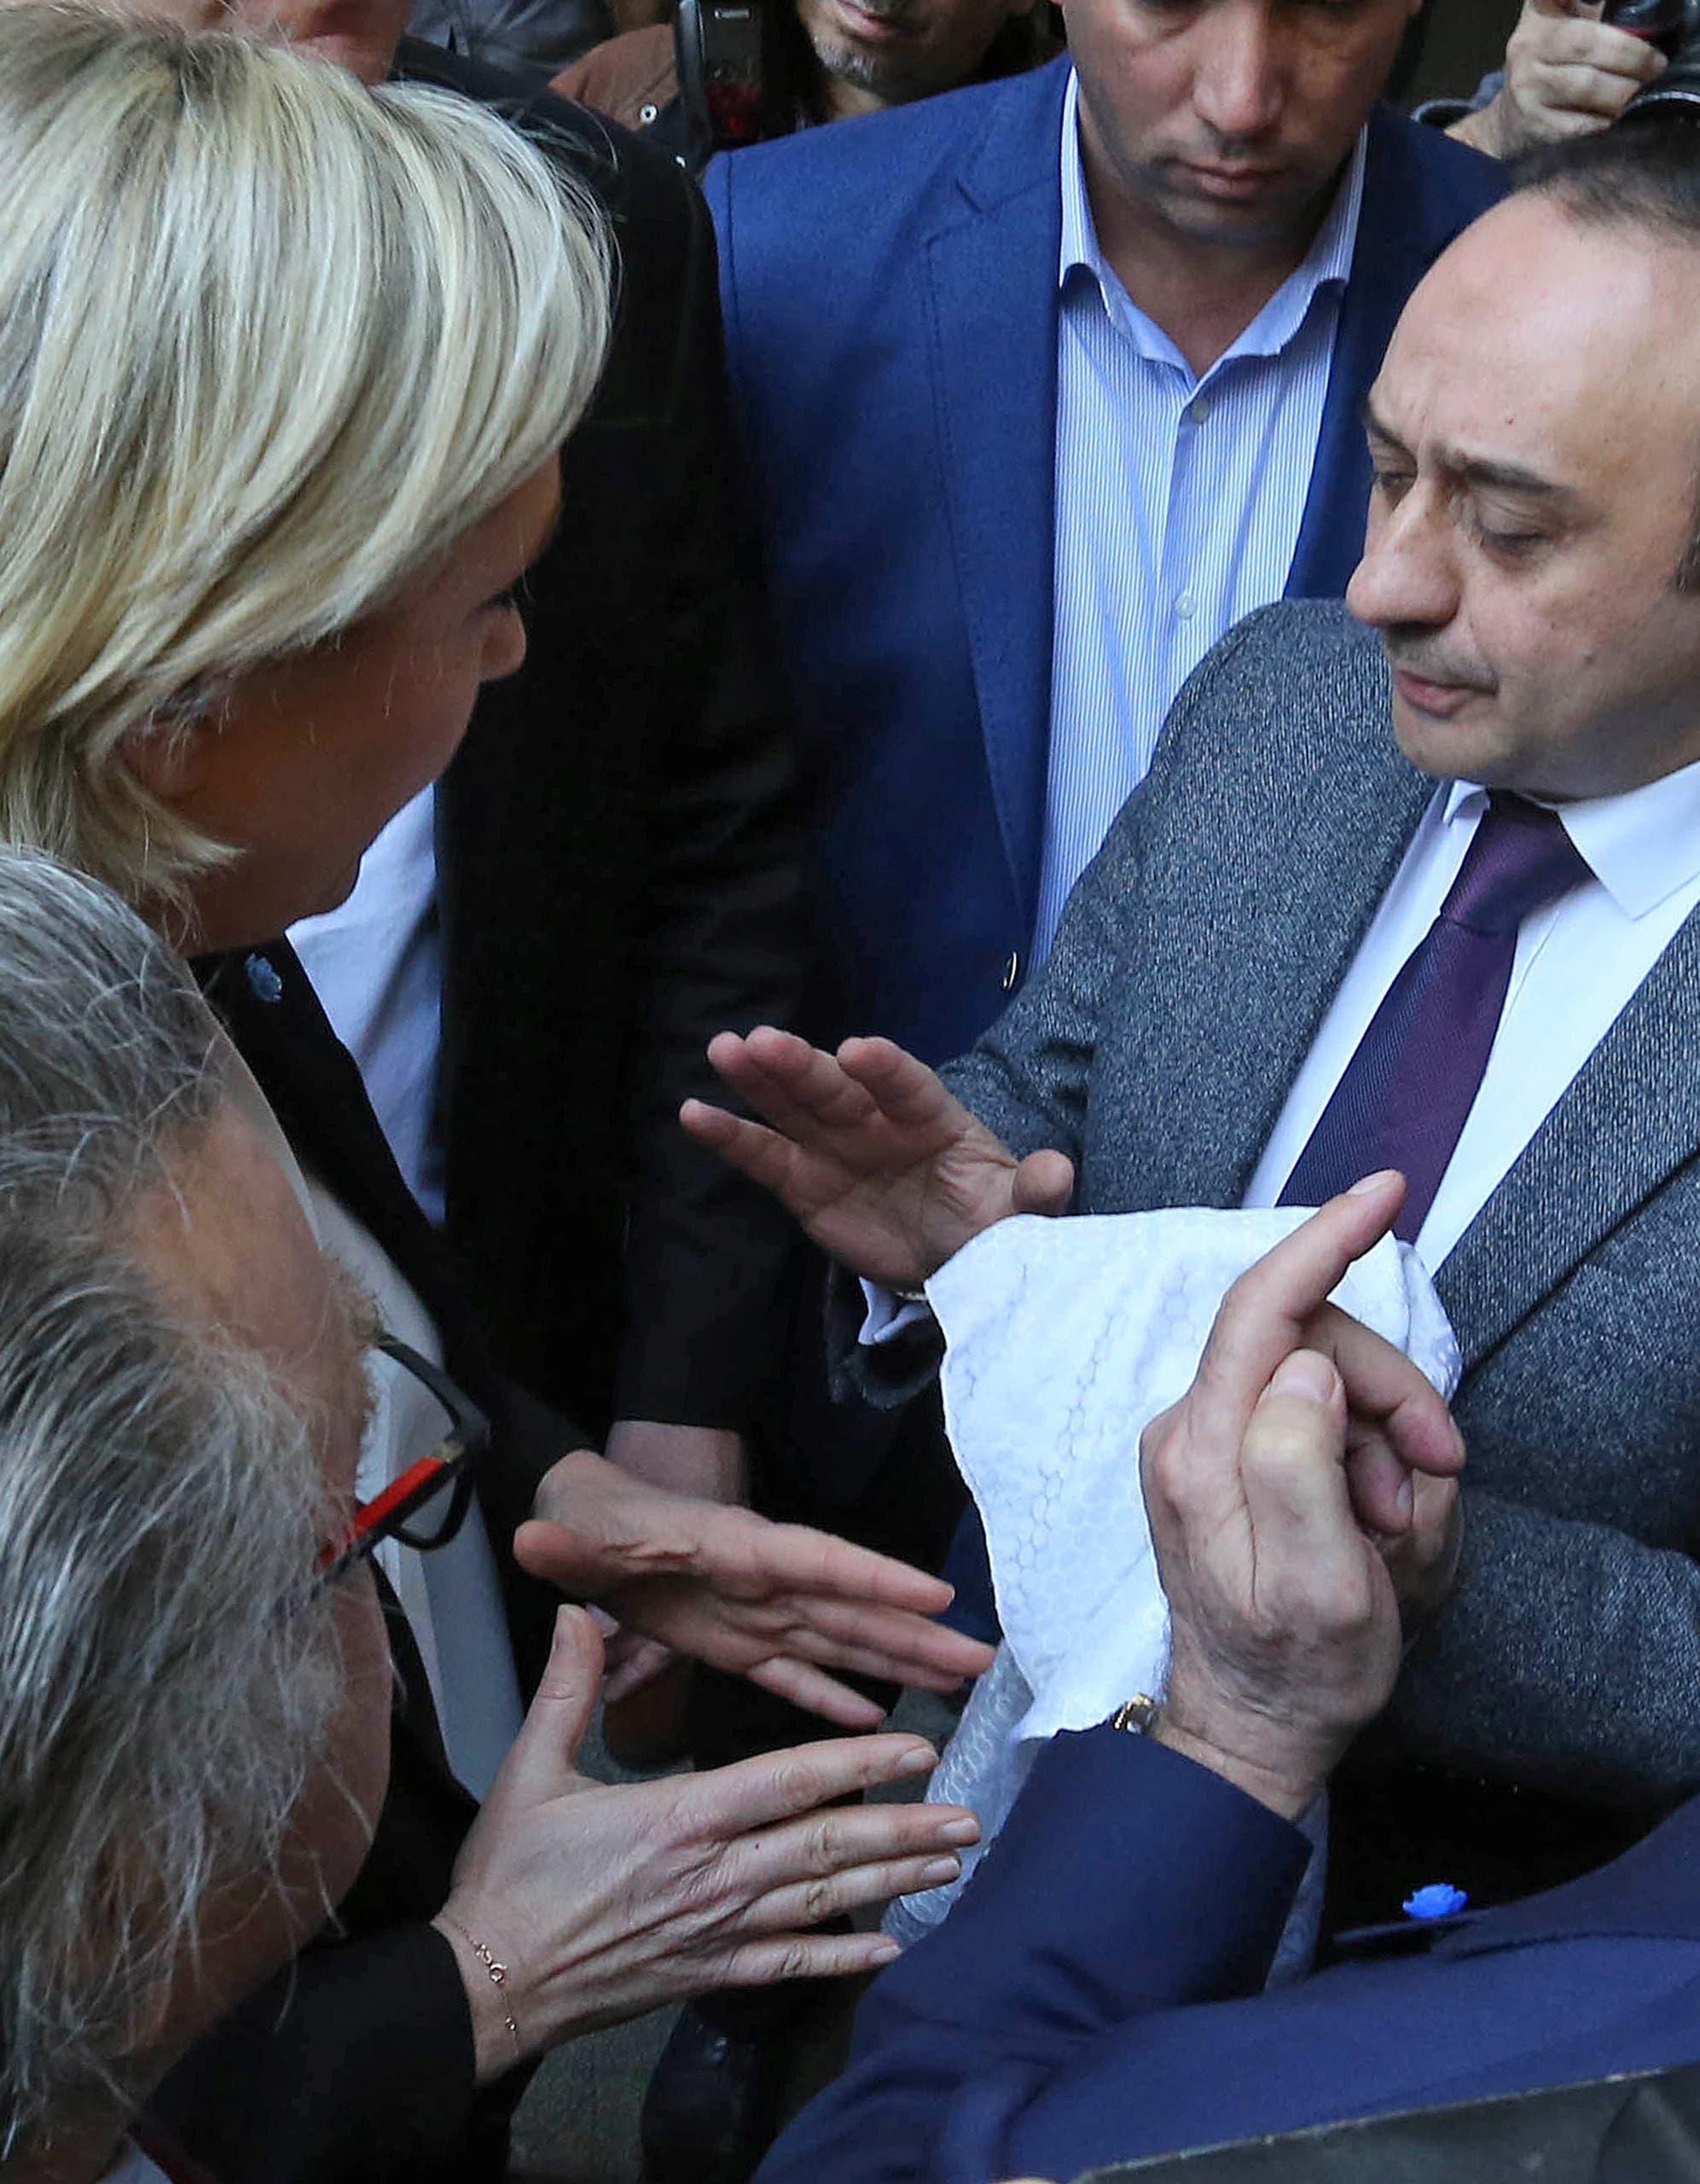 لوبان خلال نقاشها مع المسؤولين في دار الفتوى في بيروت ورفضها وضع الحجاب